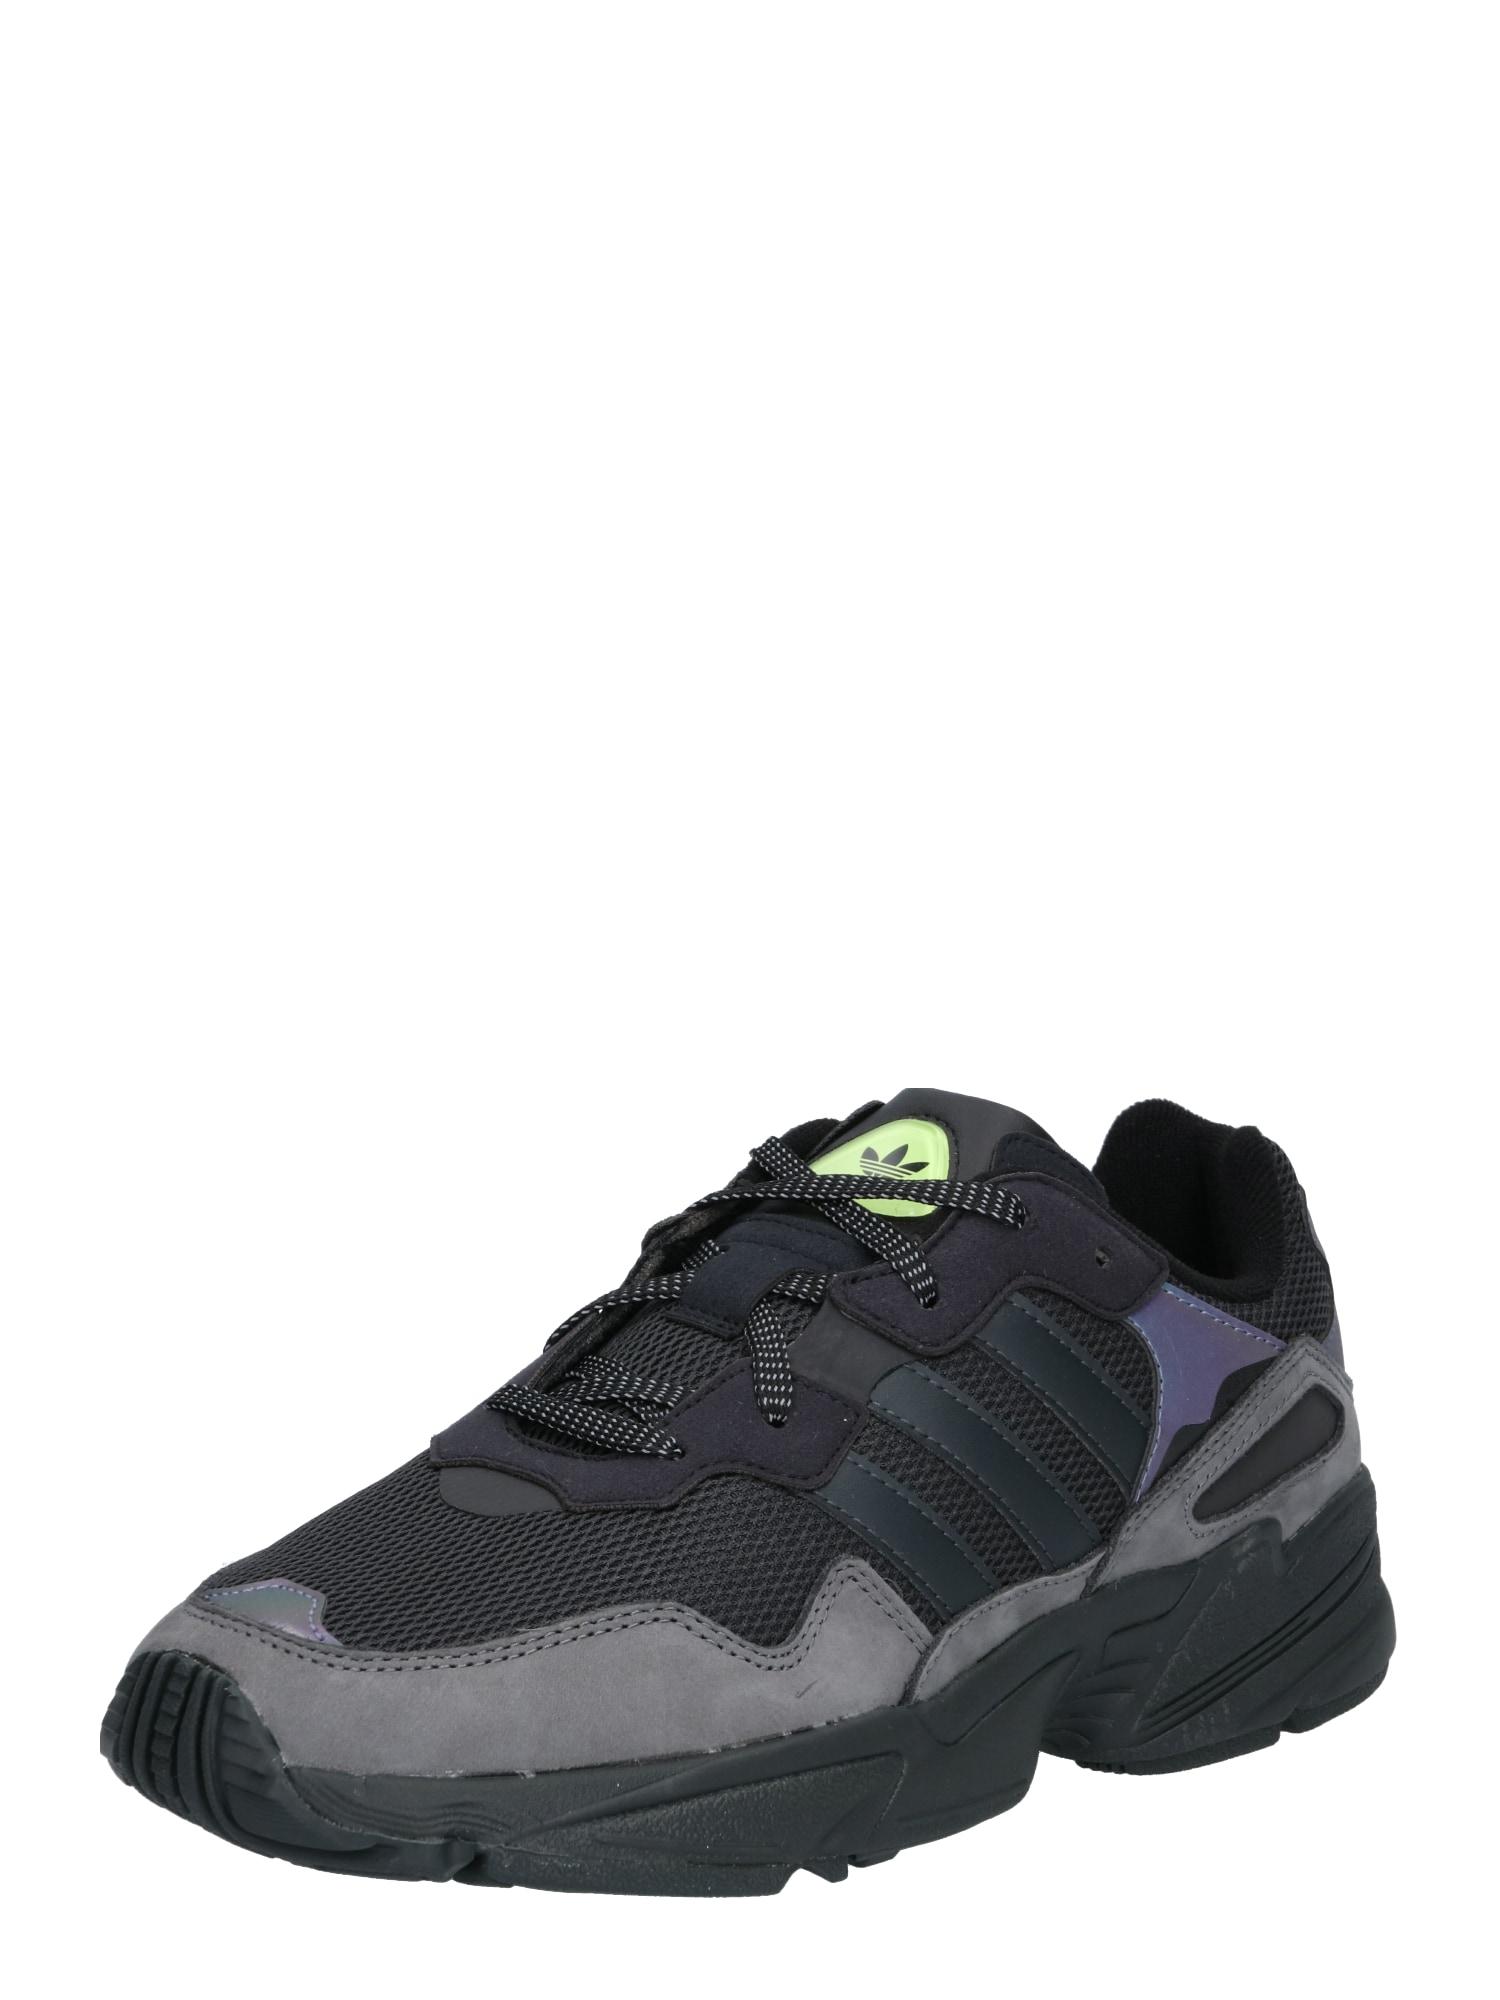 ADIDAS ORIGINALS, Heren Sneakers laag 'YUNG-96', zwart